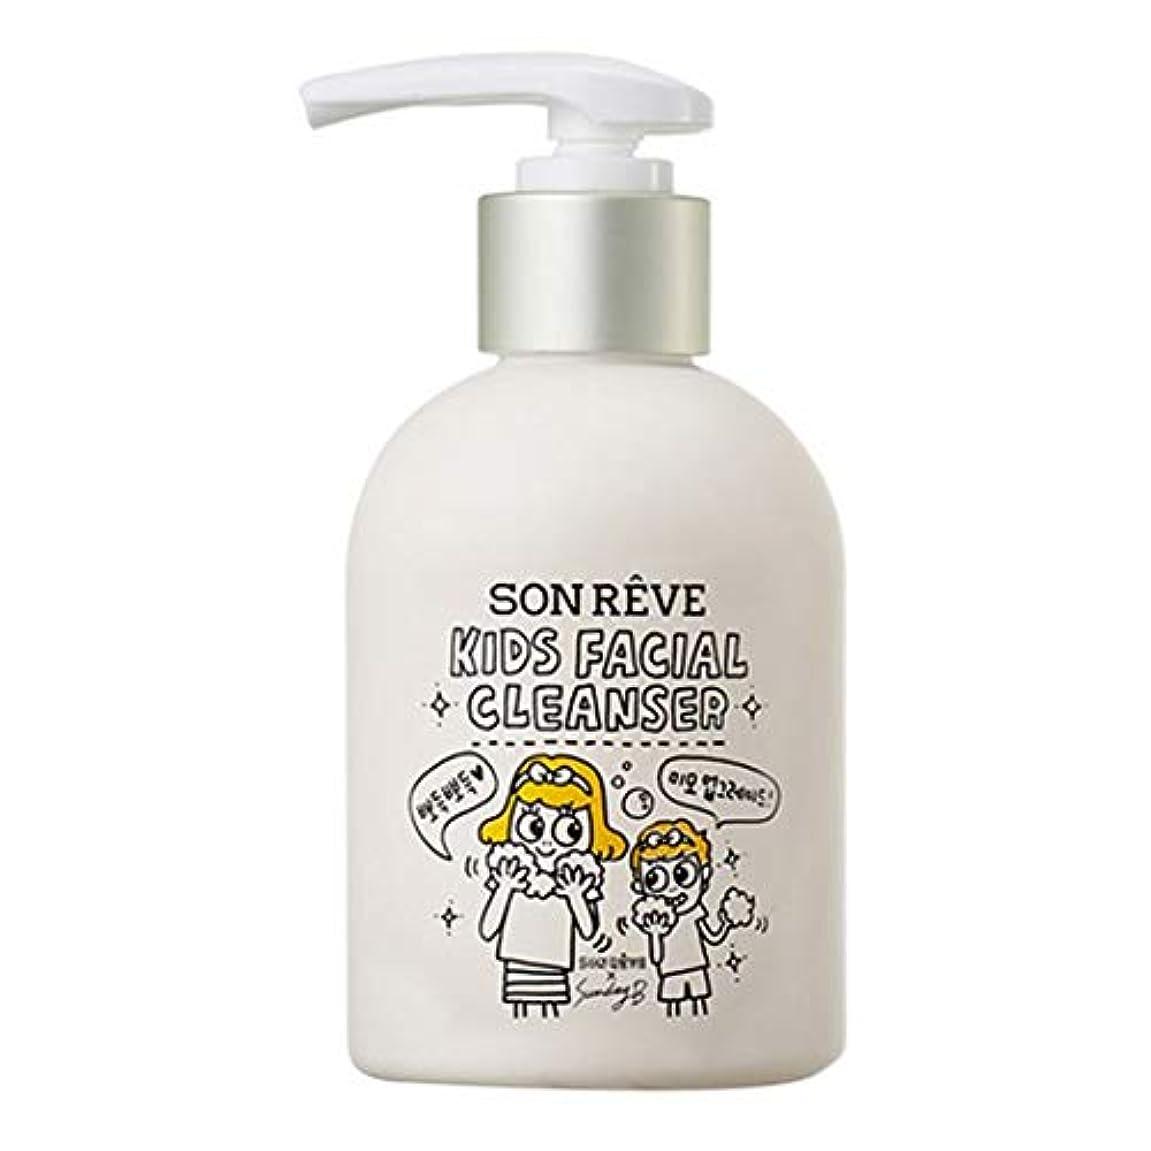 レーニン主義オプショナルストレージ[SON REVE]KIDS Facial Cleanserの子どもの洗顔200ml甘いキャンディー 香りポンプ型[海外直輸入]